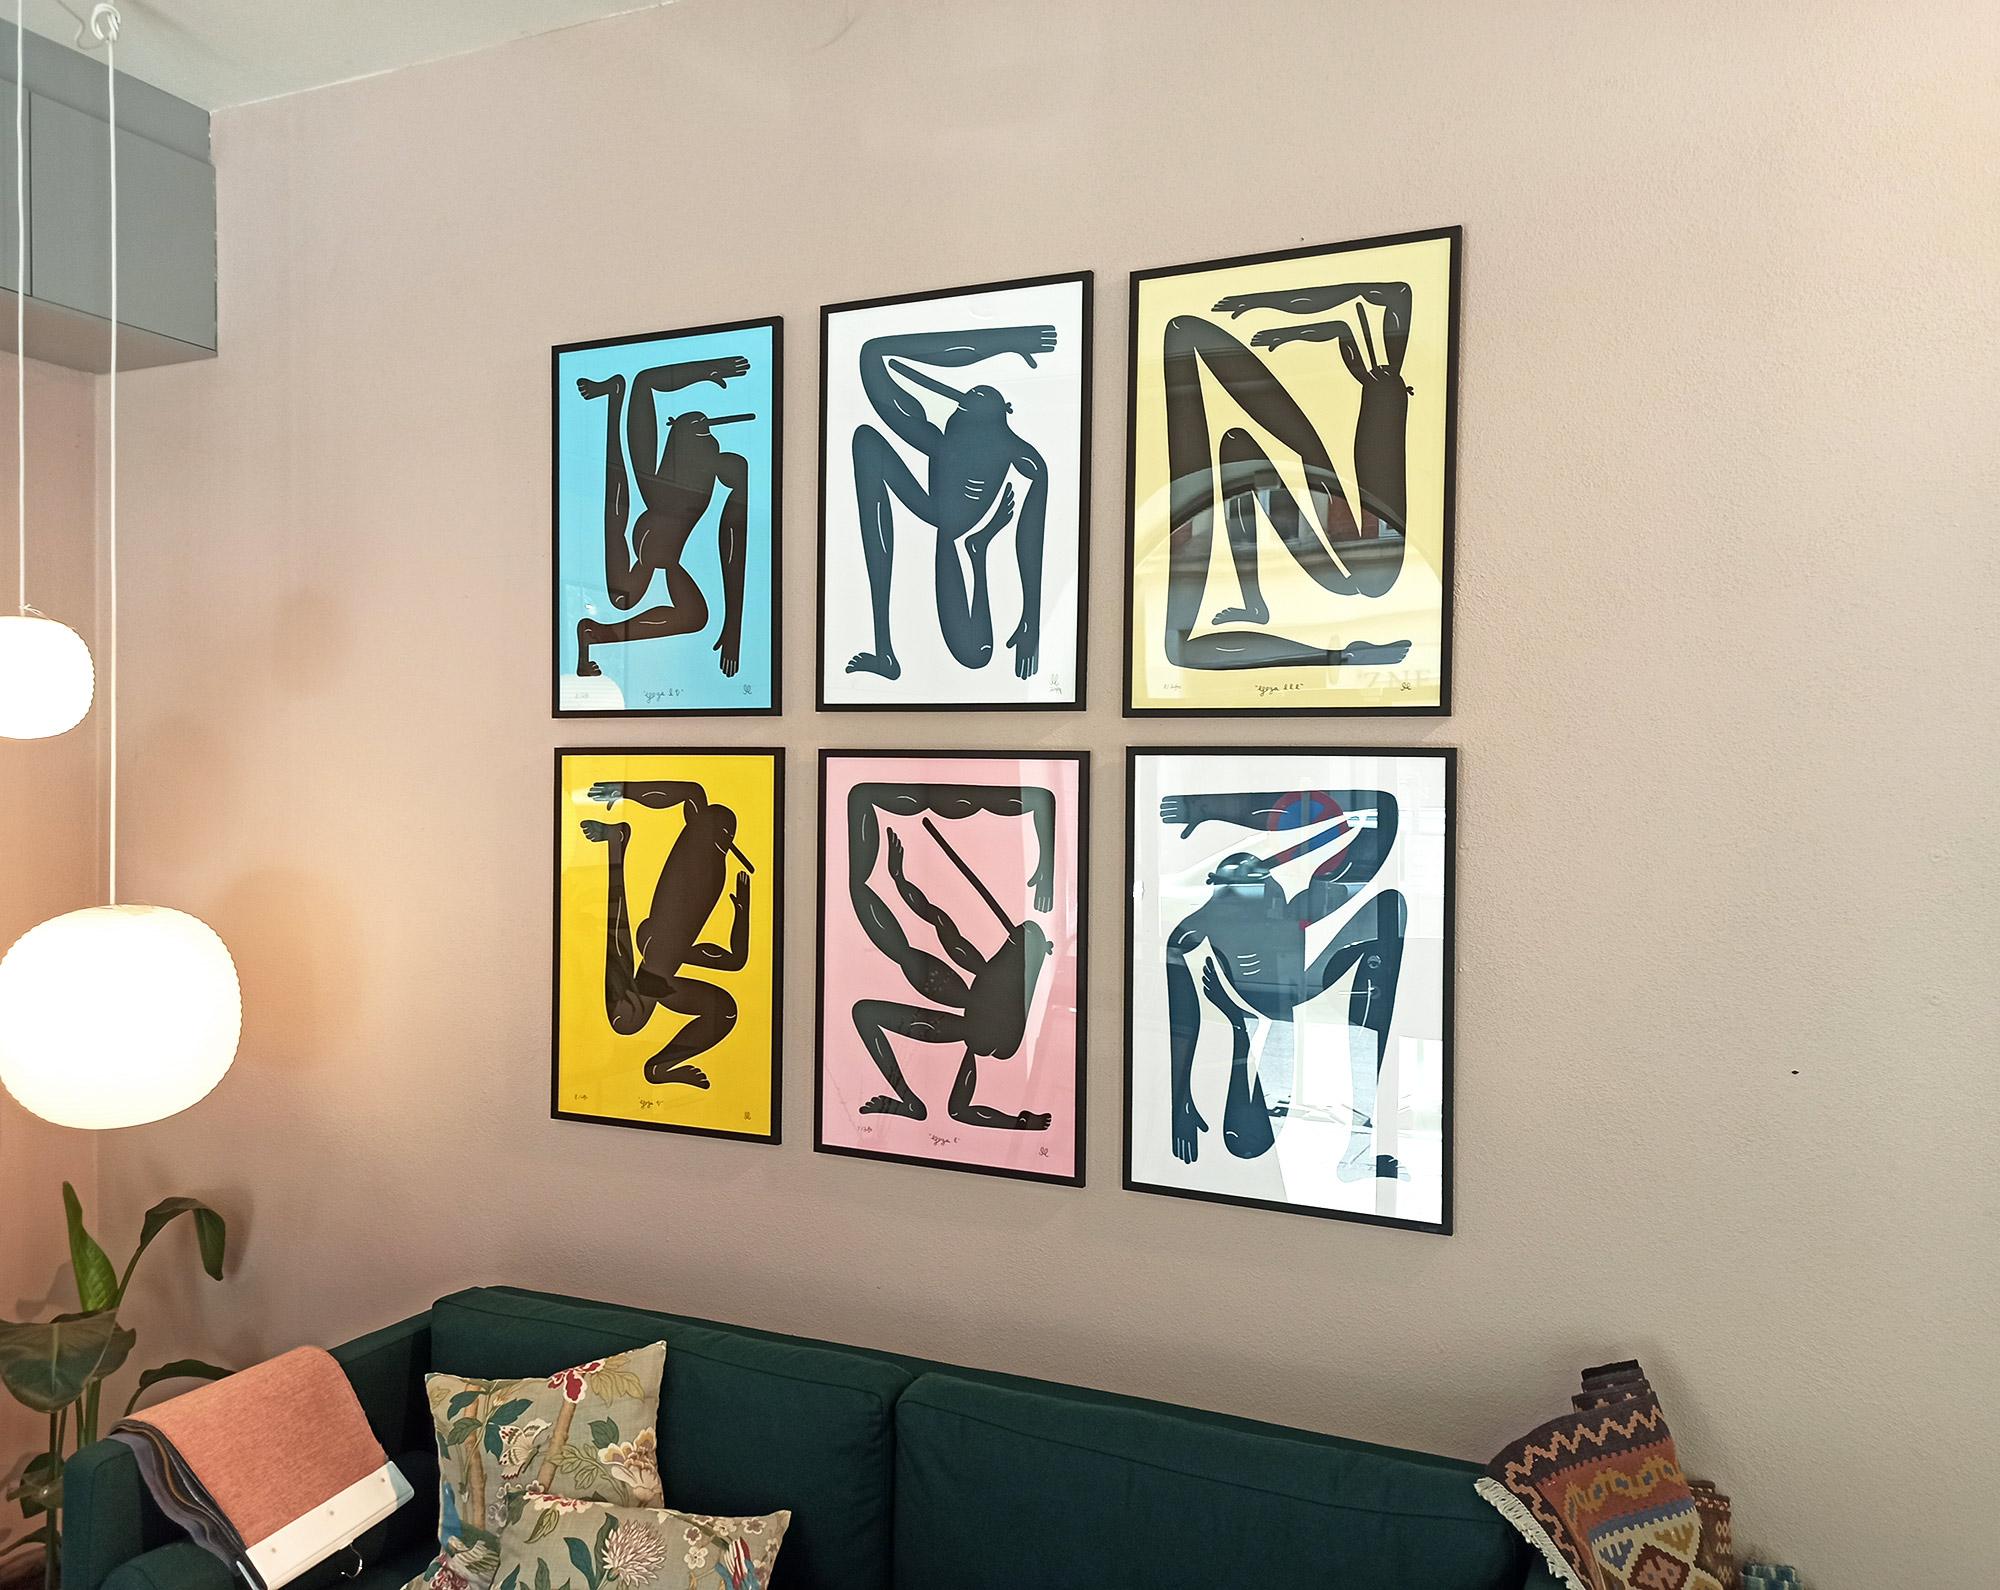 plakater-posters-kunsttryk, giclee-tryk, børnevenlige, figurative, illustrative, monokrome, pop, portræt, kroppe, humor, bevægelse, mennesker, sorte, blå, blæk, papir, abstrakte-former, sjove, sort-hvide, samtidskunst, københavn, dansk, dekorative, design, interiør, bolig-indretning, mænd, moderne, moderne-kunst, nordisk, plakater, tryk, skandinavisk, street-art, Køb original kunst og kunstplakater. Malerier, tegninger, limited edition kunsttryk & plakater af dygtige kunstnere.